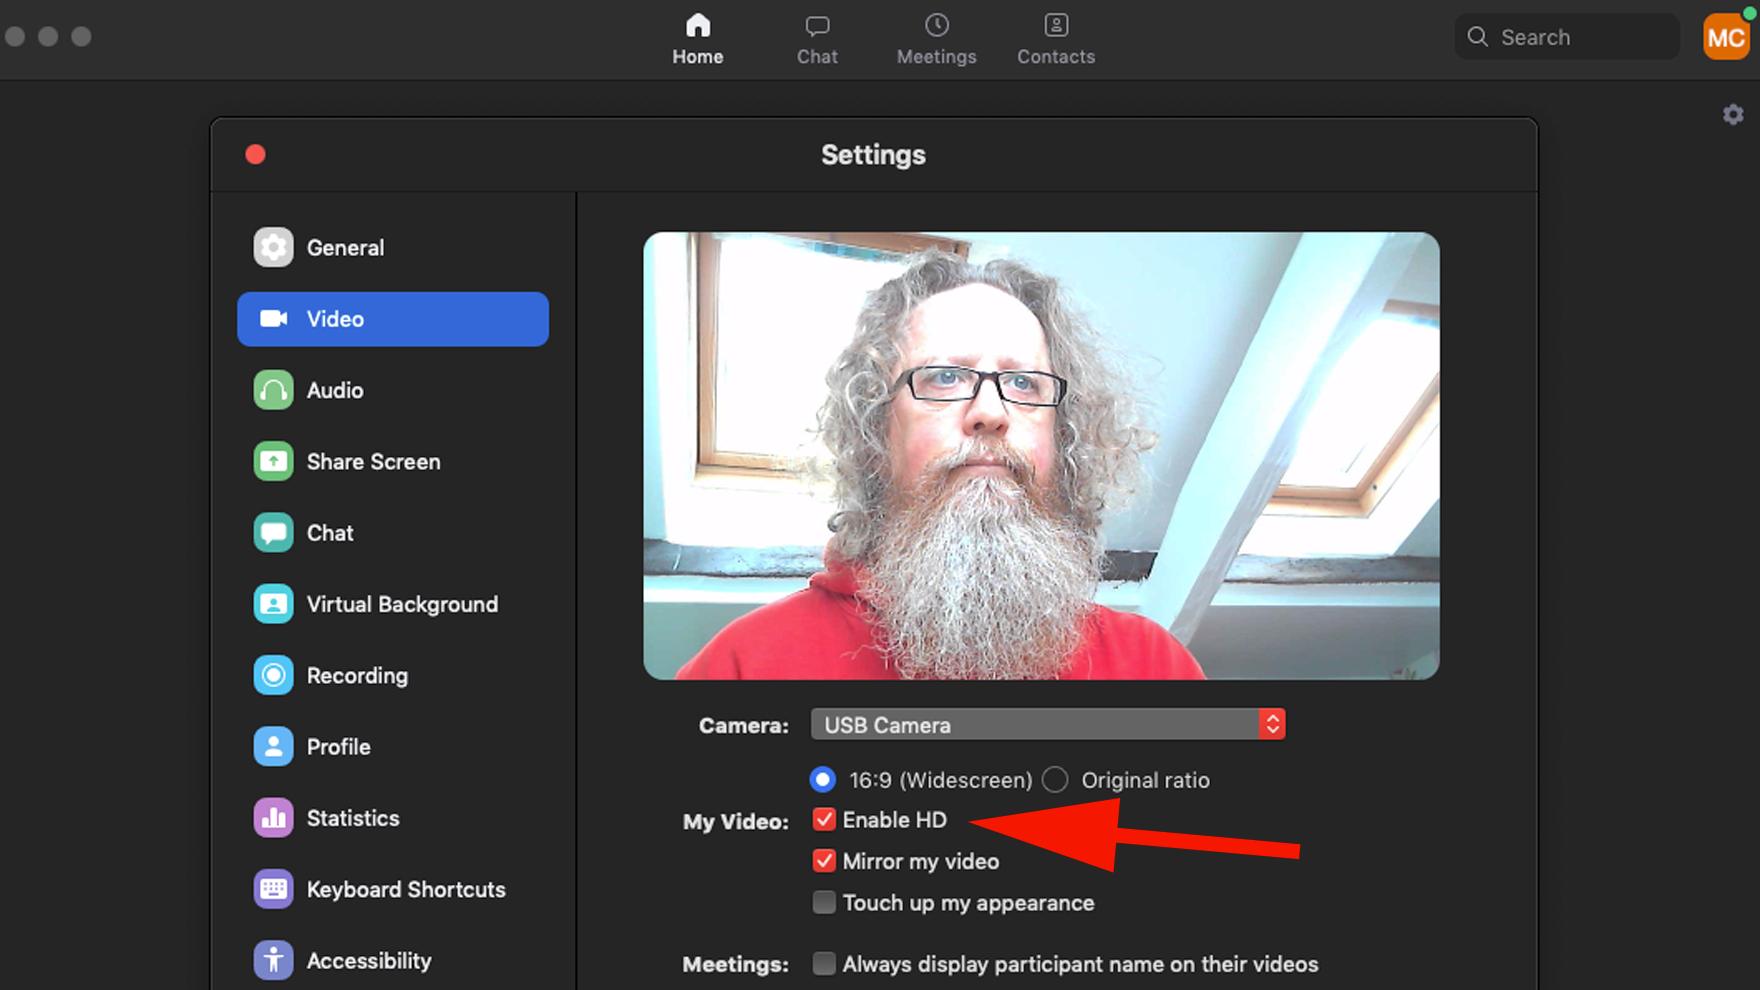 Cómo mejorar la calidad del video en Mac: Configuración de video en Zoom